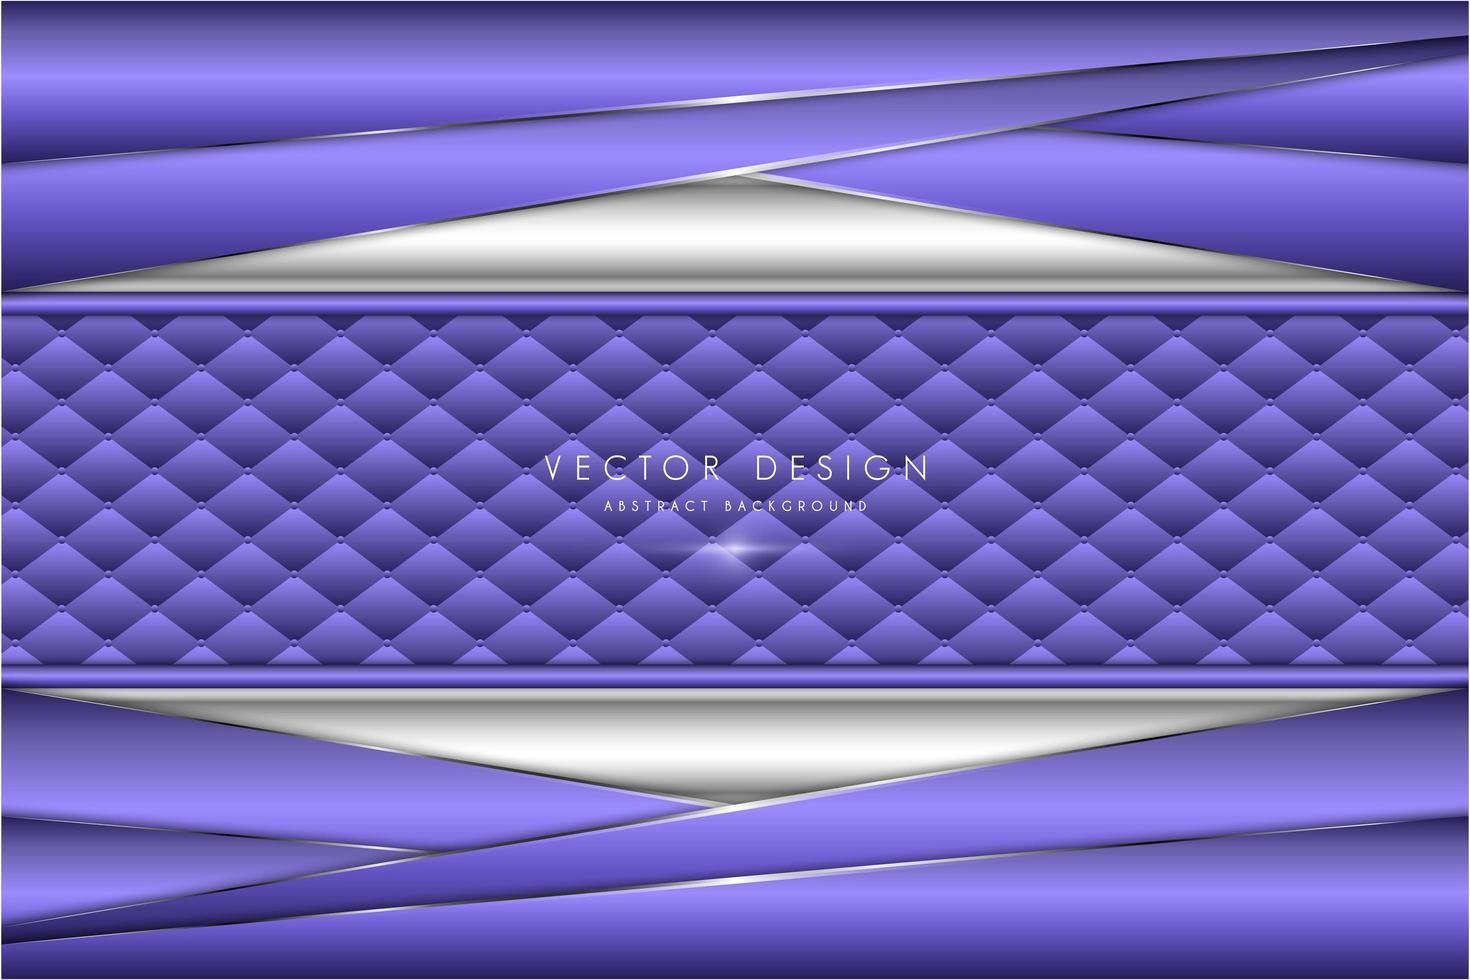 metallisch abgewinkelte lila und silberne Platten mit Polstertextur vektor